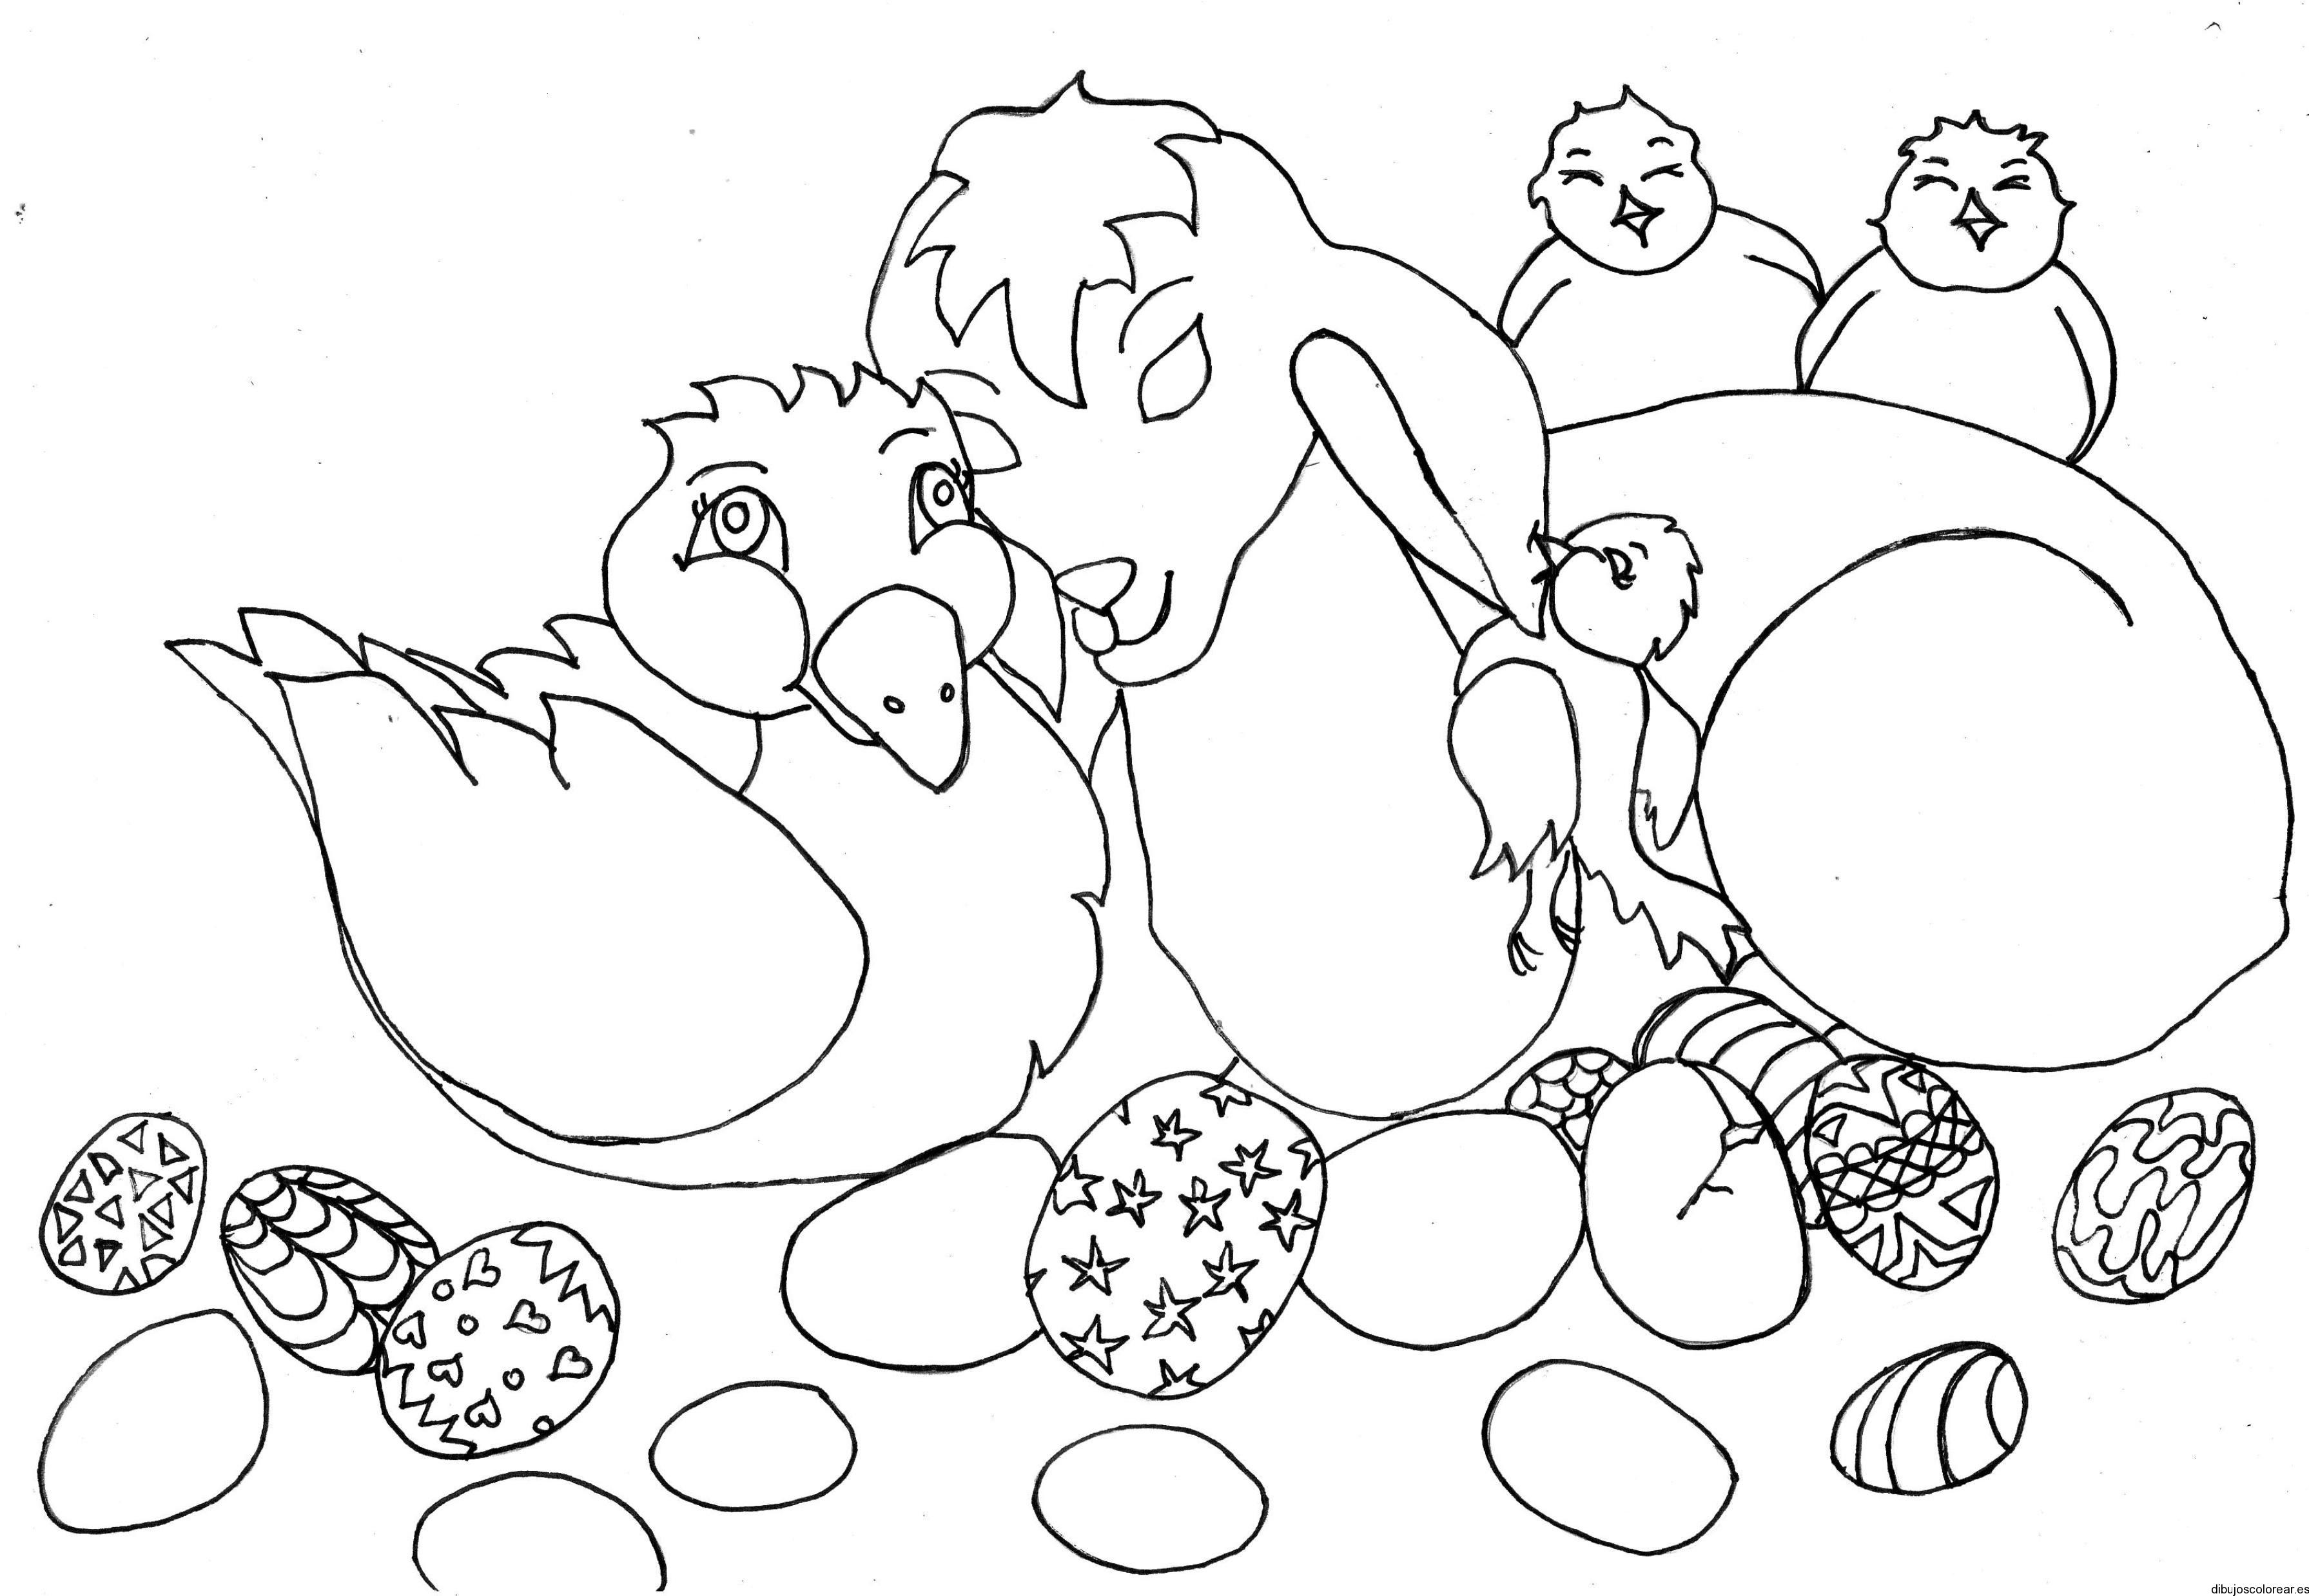 Dibujo de un árbol con los animales del bosque